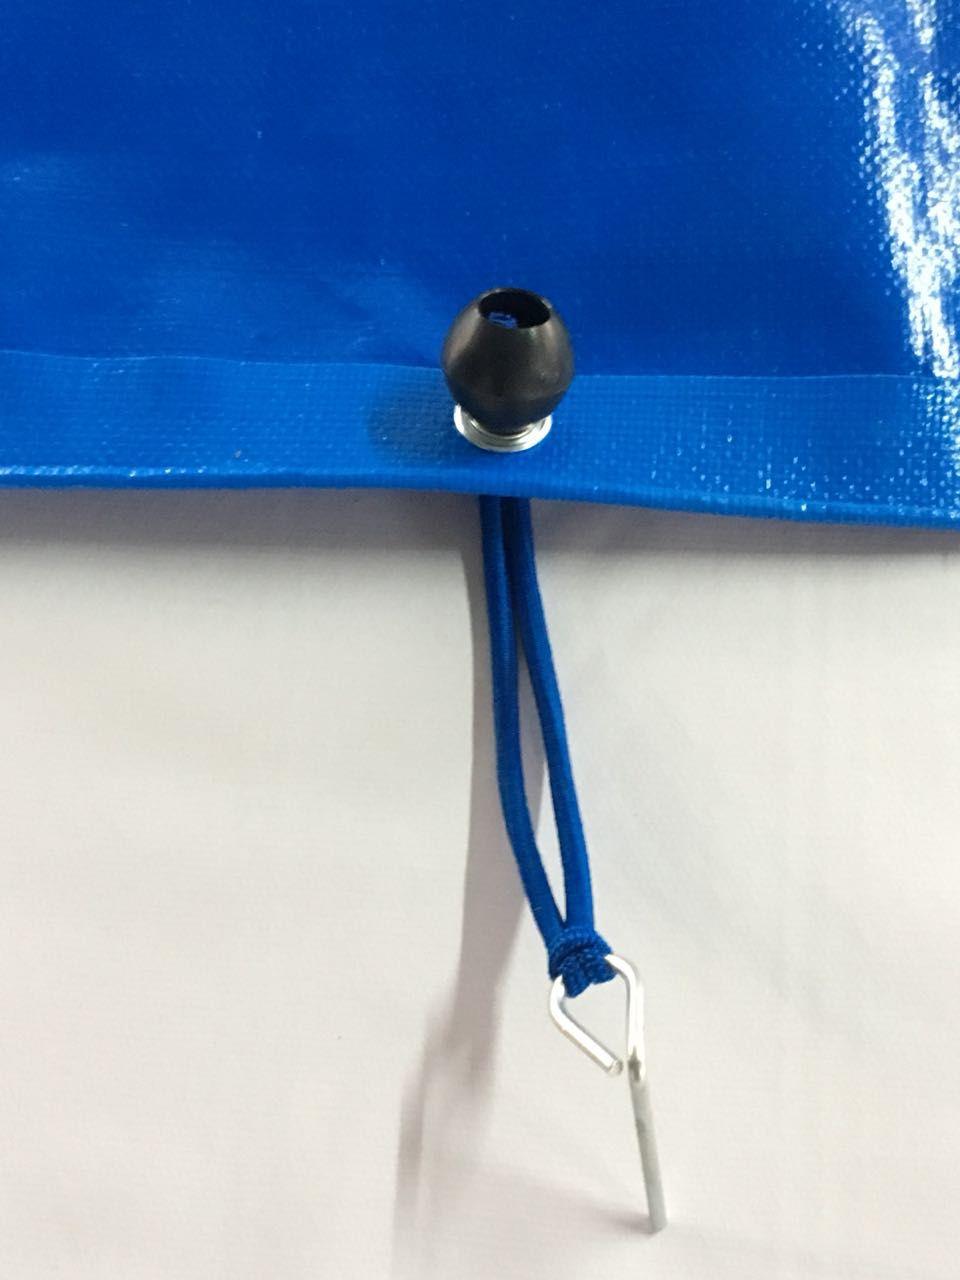 Capa para Piscina SL 300 Azul Completa com Acessórios Pinos e Extensores 6x3,5 m